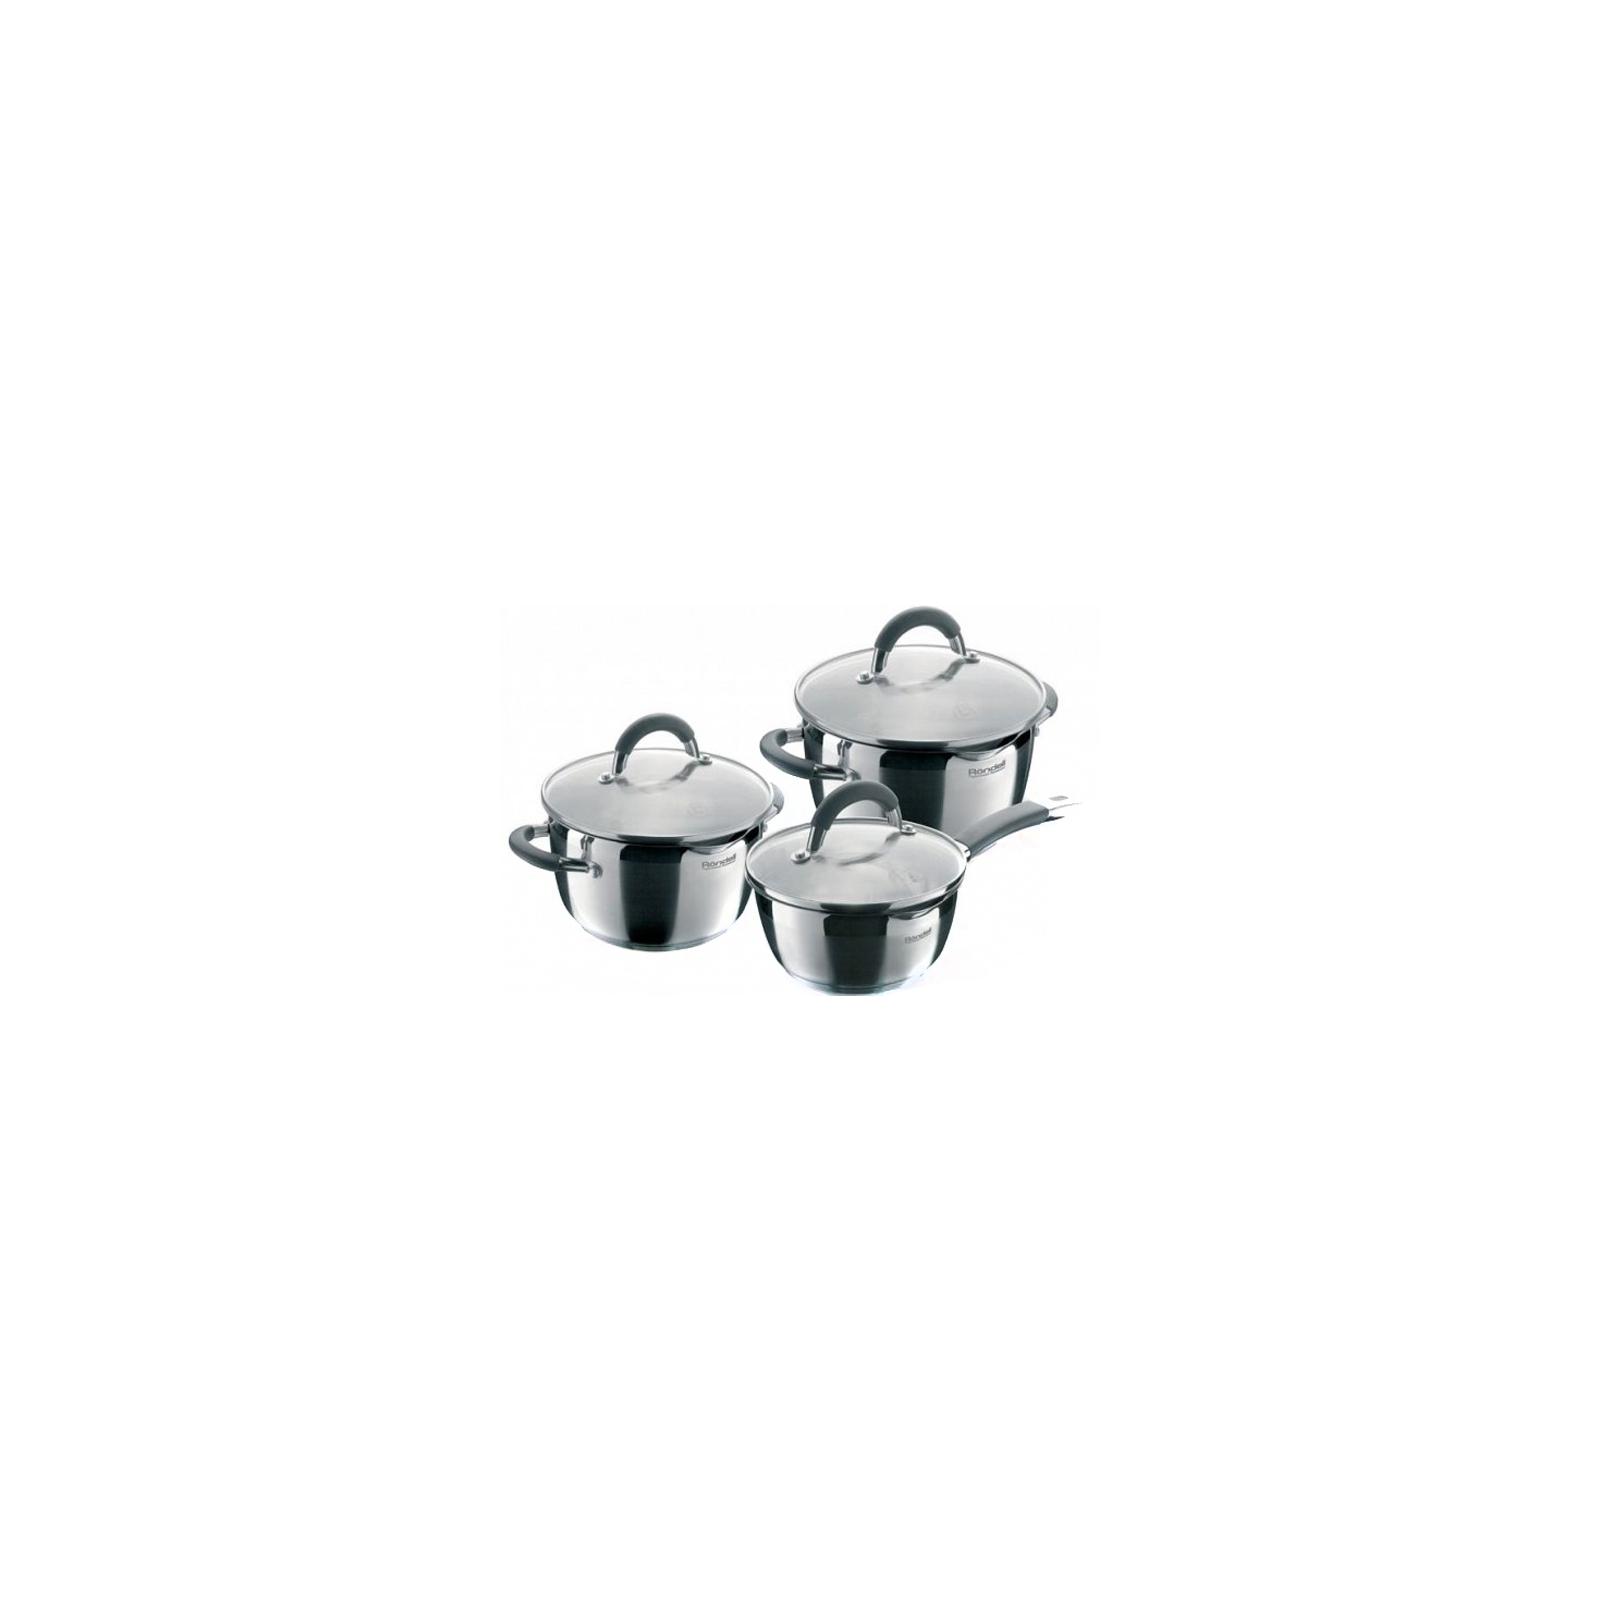 Набор посуды Rondell Flamme 6 предмета (RDS-341)